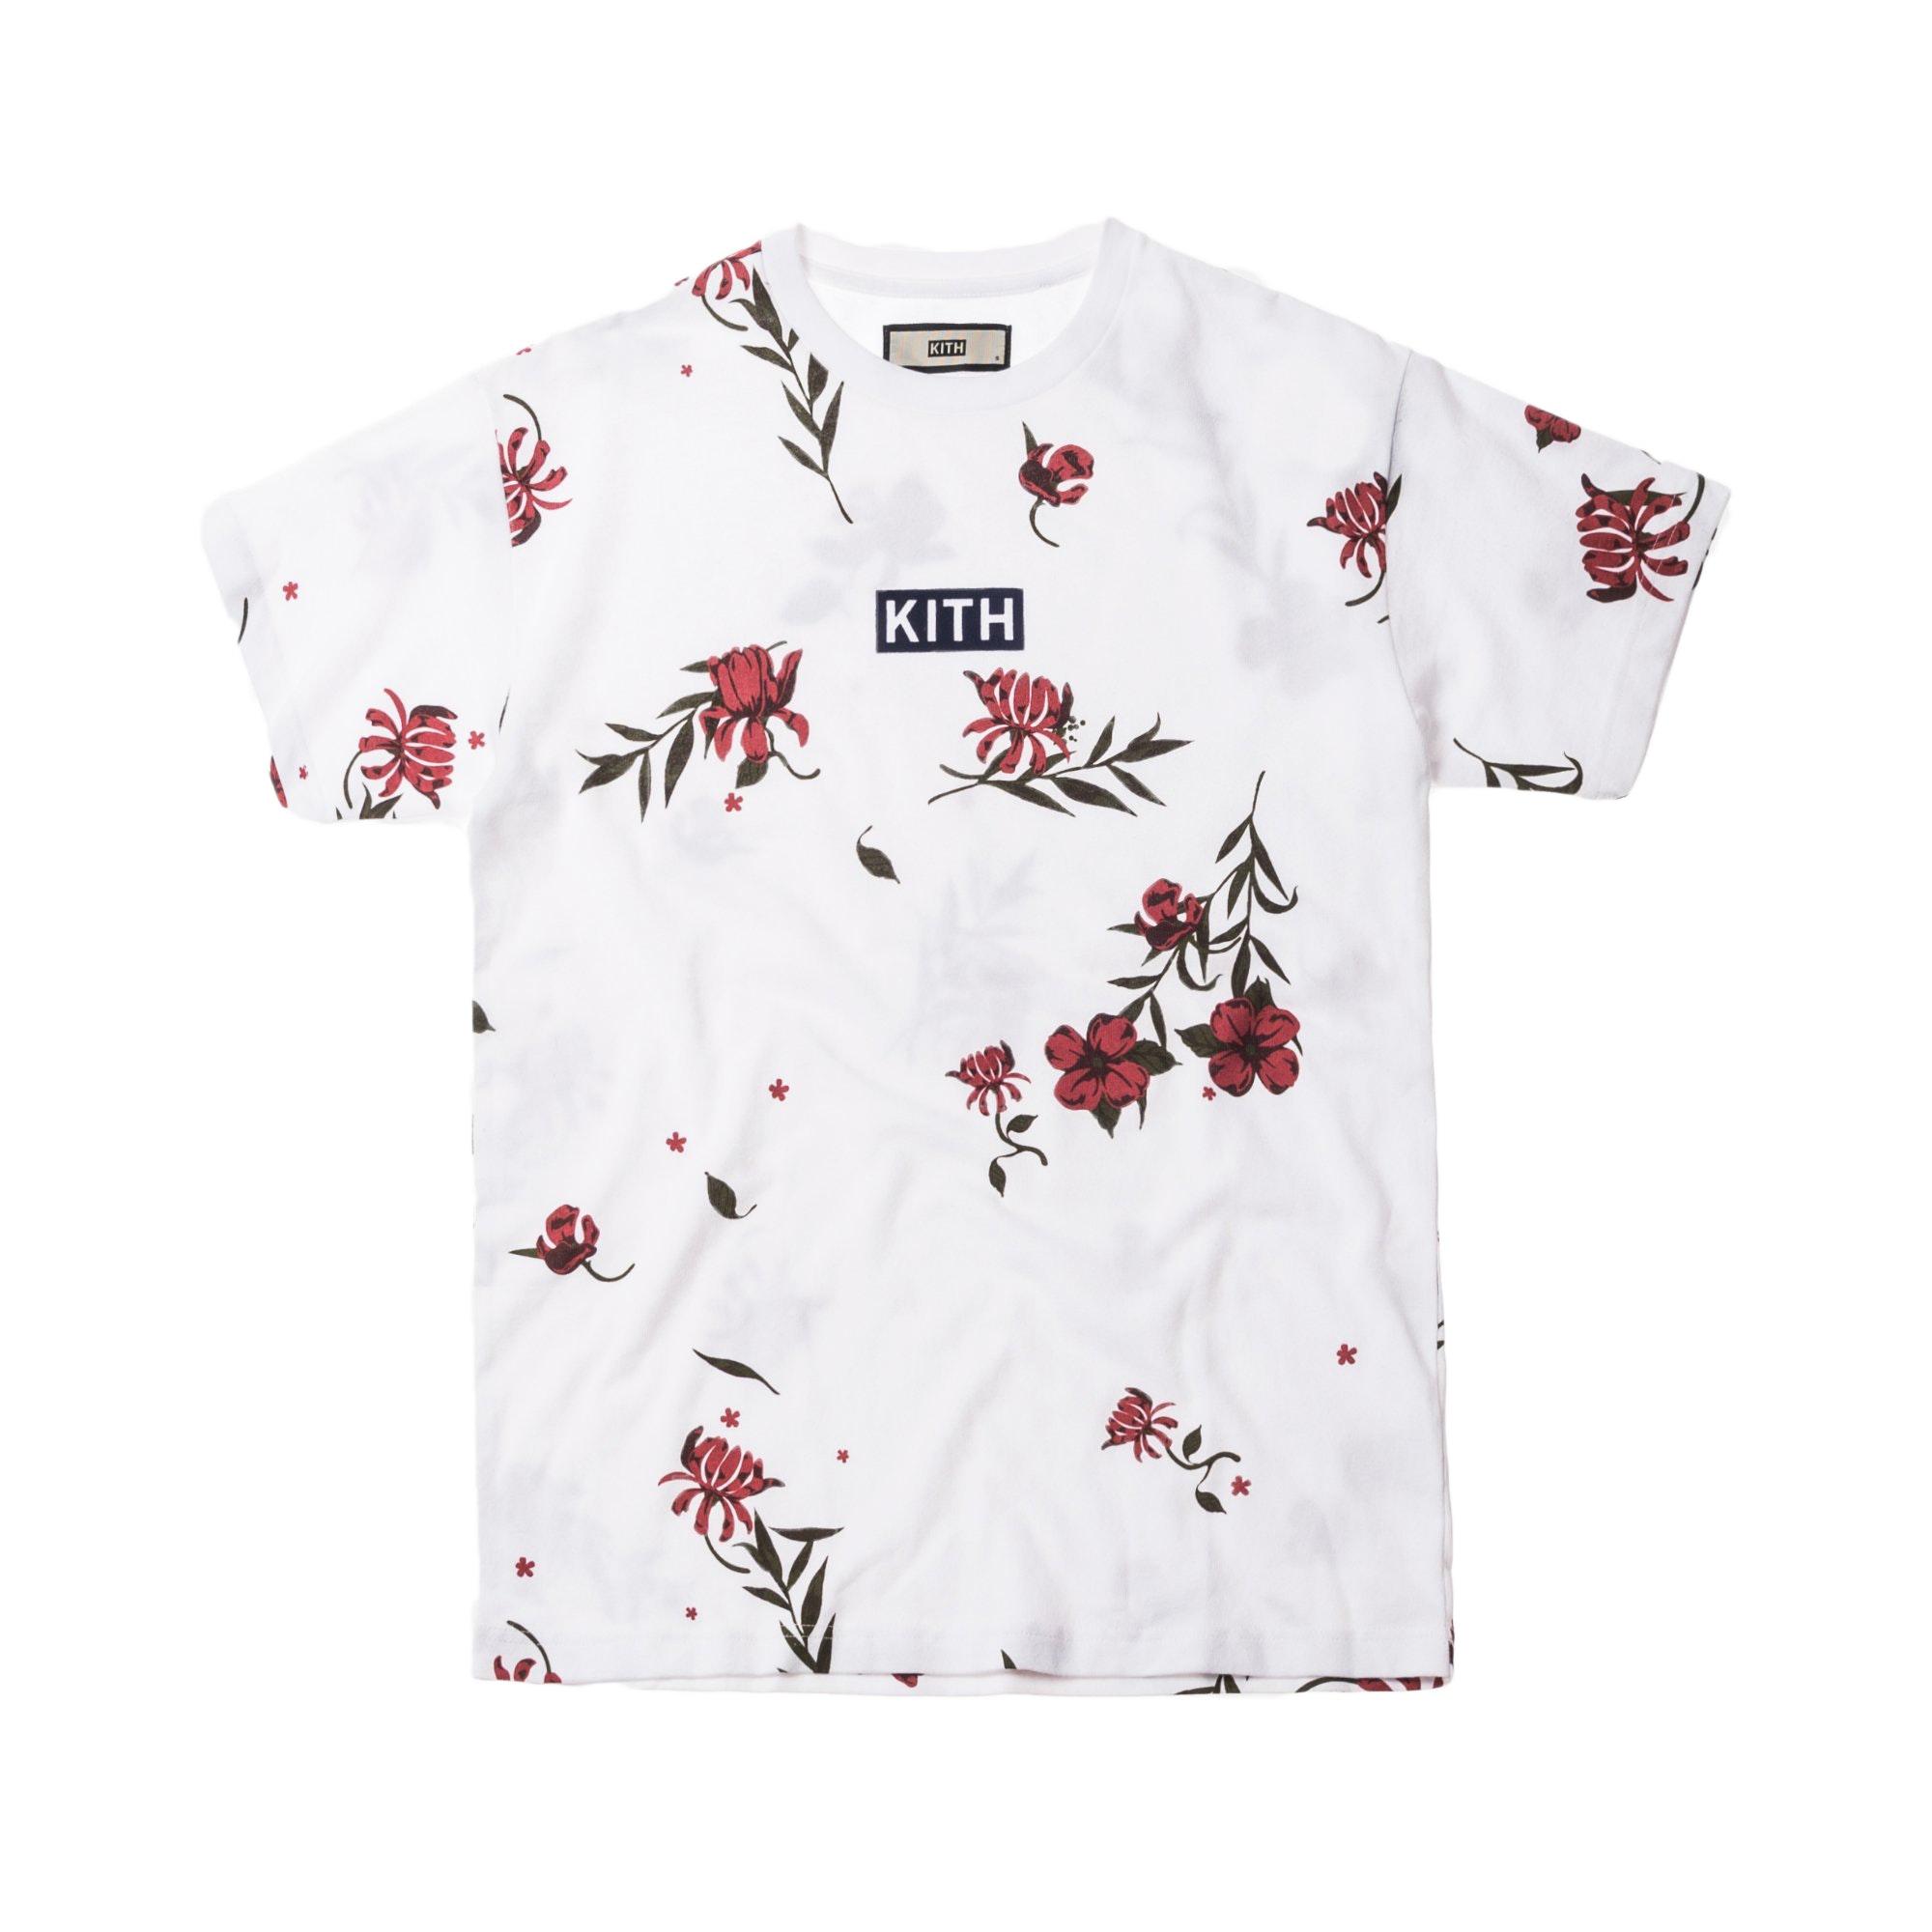 Kith Floral Classic Logo Tee White